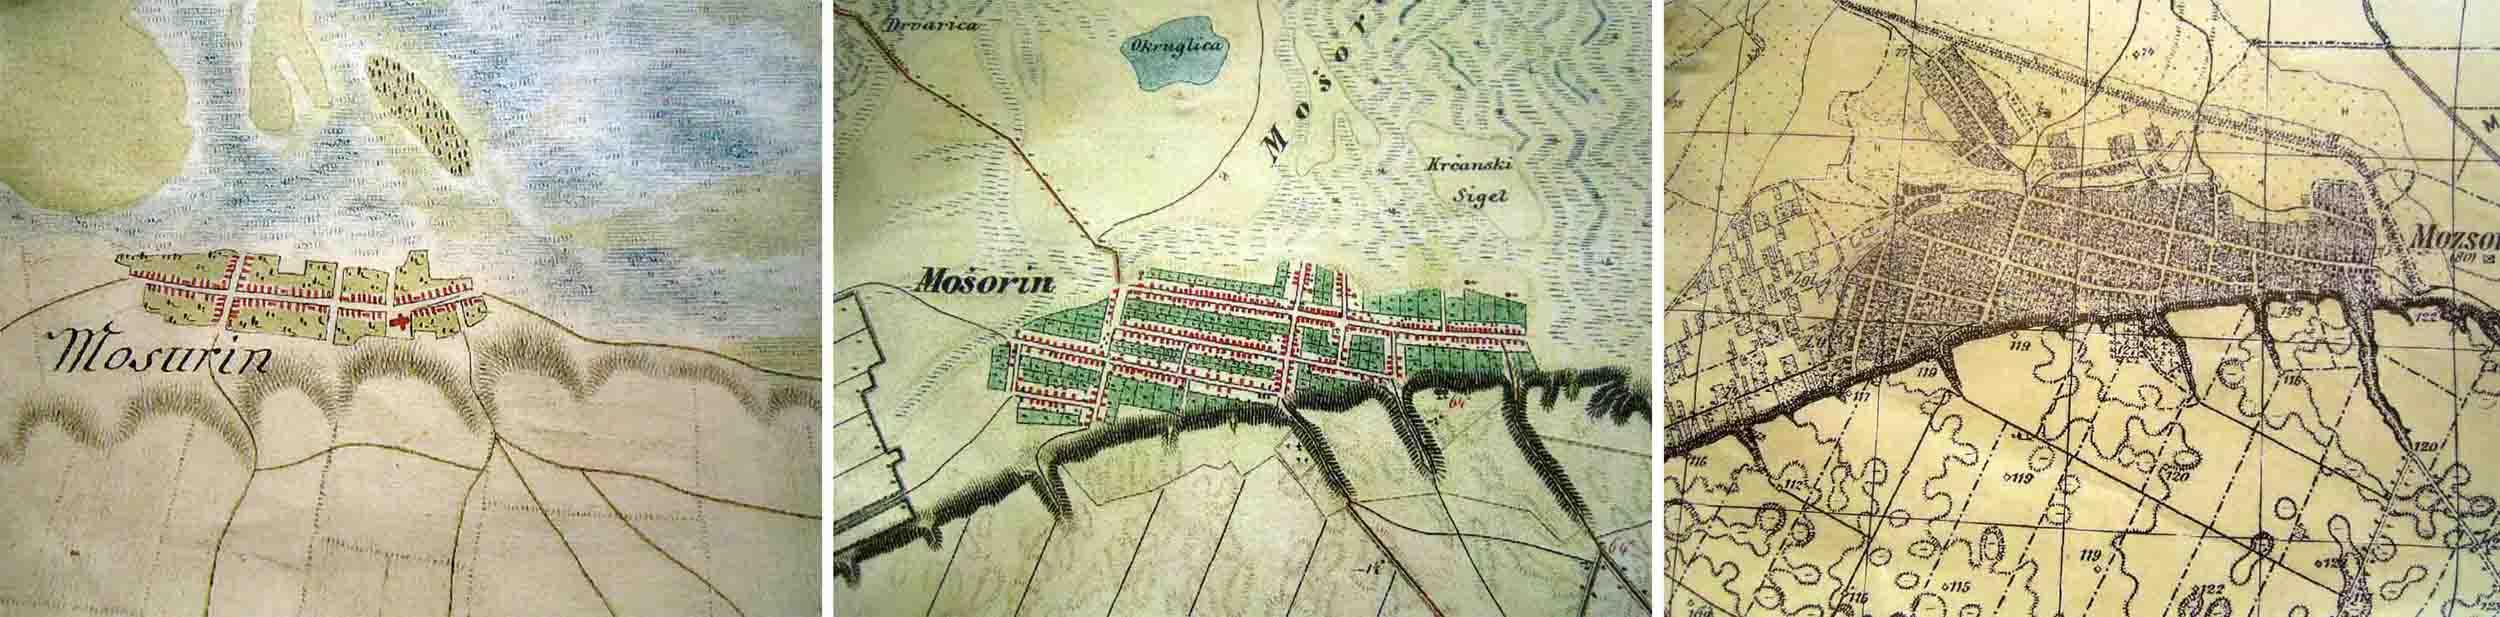 15 mape Mosorina